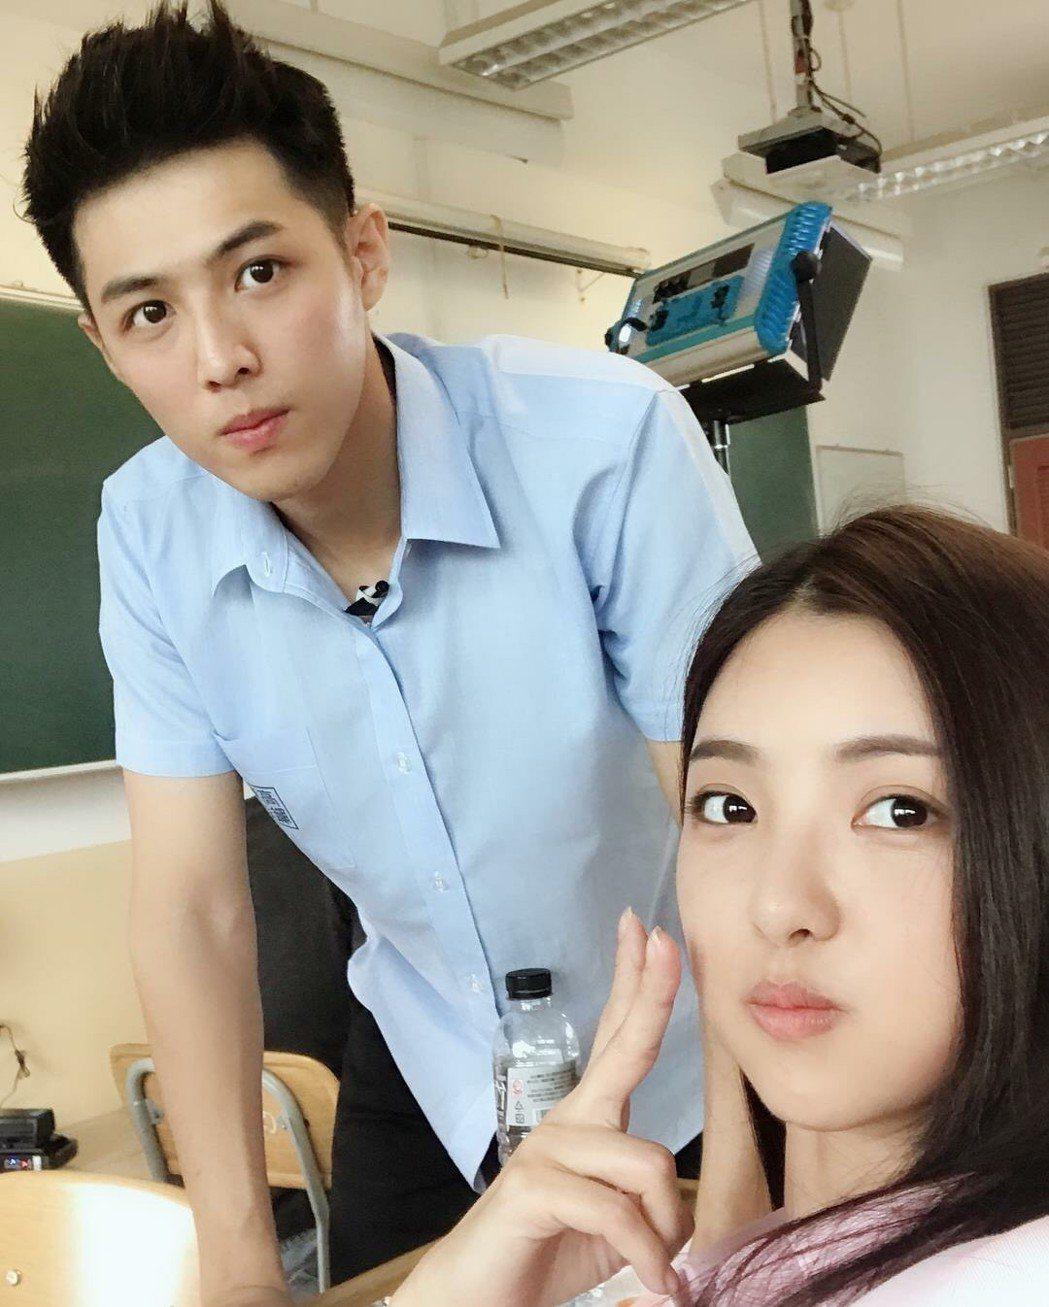 「麻辣鮮師重返校園」網劇由安于晴(左)杜季祥主演  圖/奧瑪優勢傳媒娛樂行銷提供